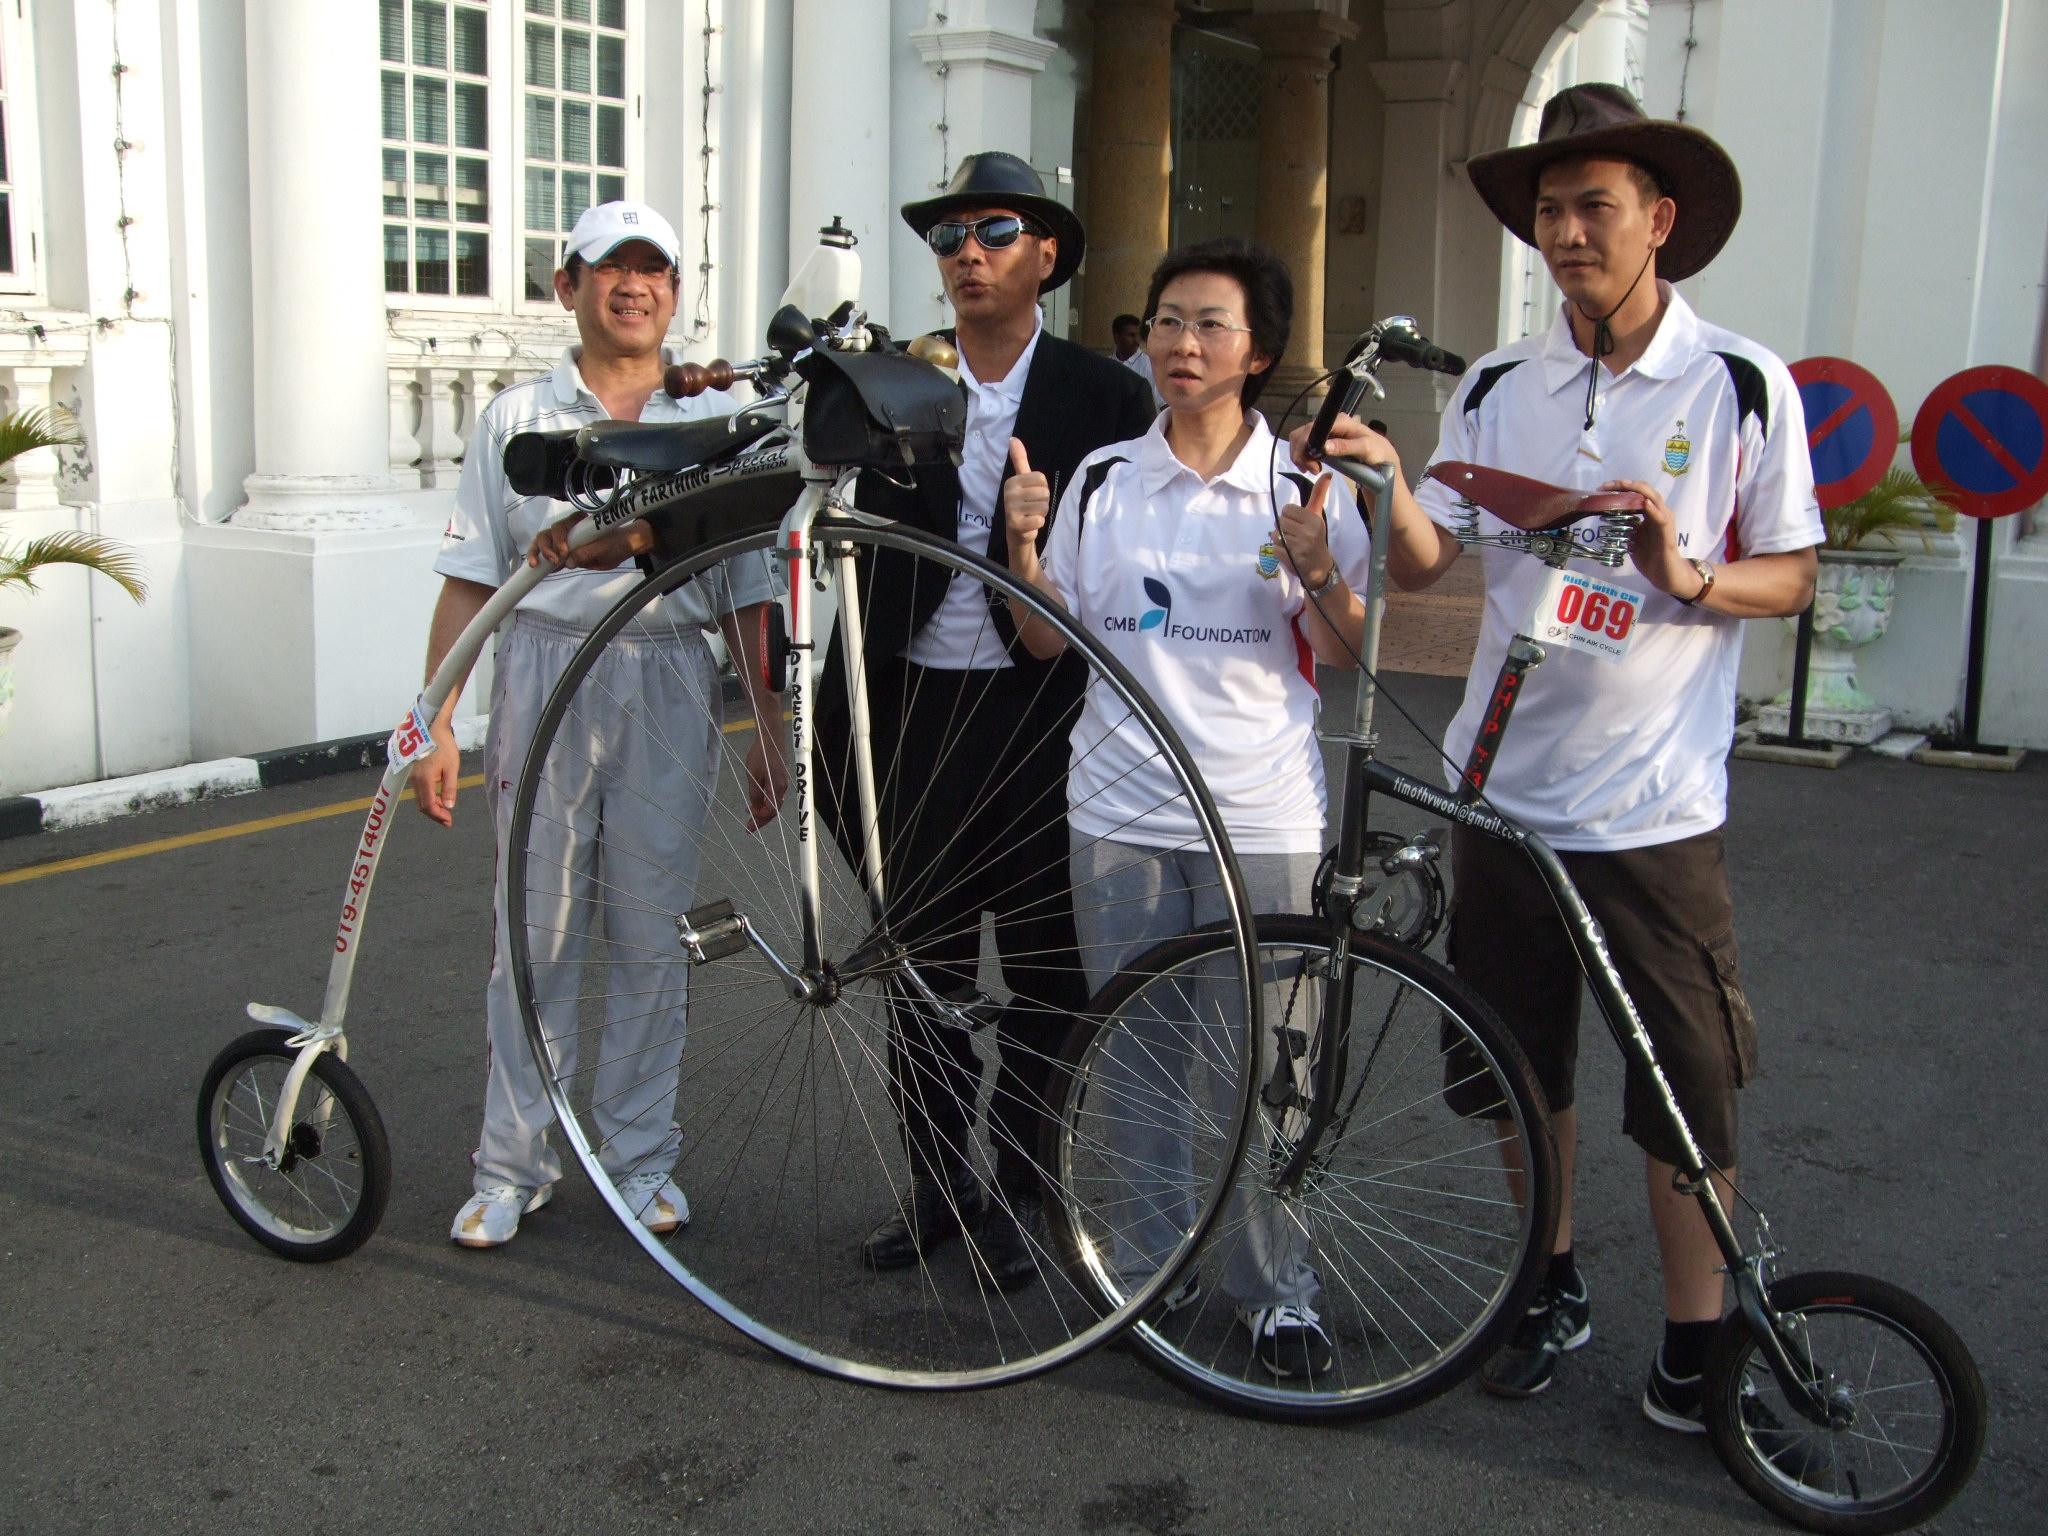 王傳丁和余建錸兩師徒的自制Penny Farthing,讓古董腳車風華重現。